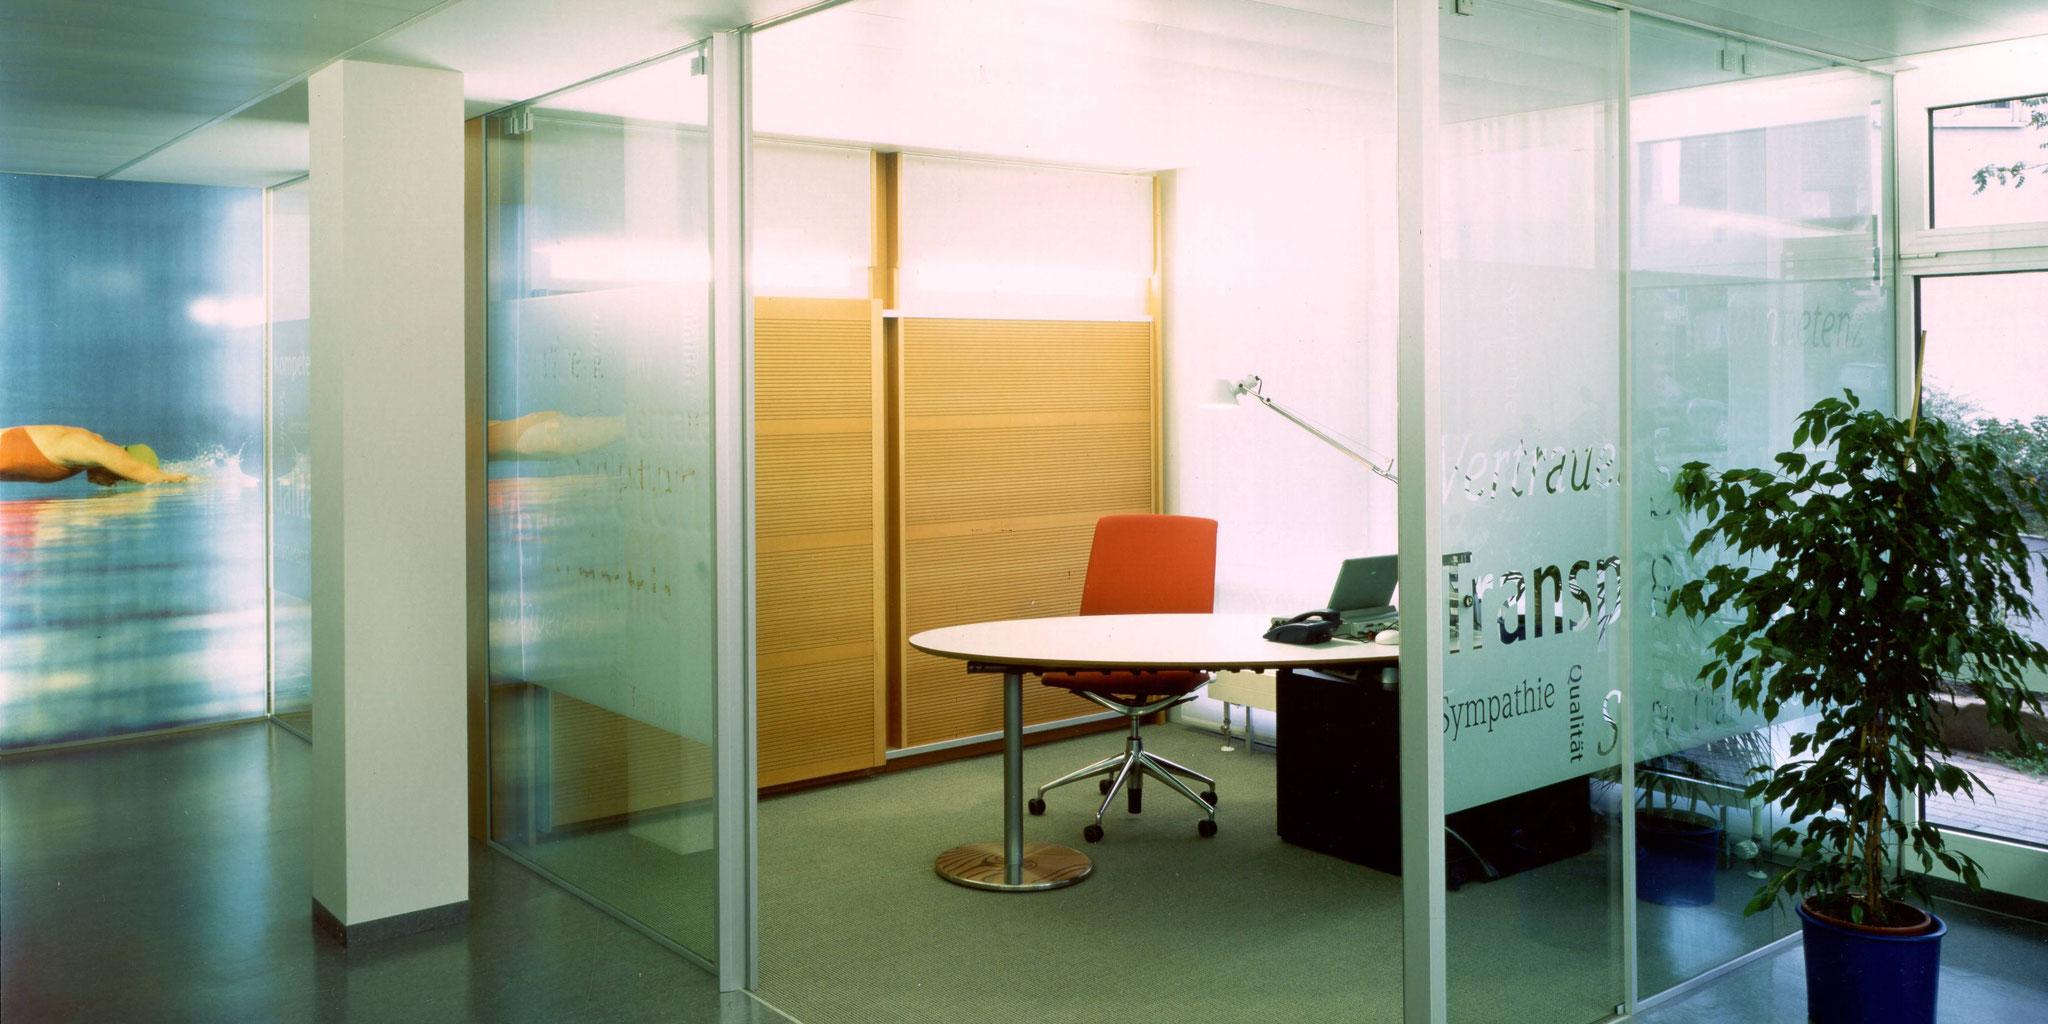 """Architekten Frankfurt - """"Allianz 2000"""" Corporate Design Konzept für ca. 14.000 Agenturbüros, Architekturbüro Frick.Reichert Architekten"""